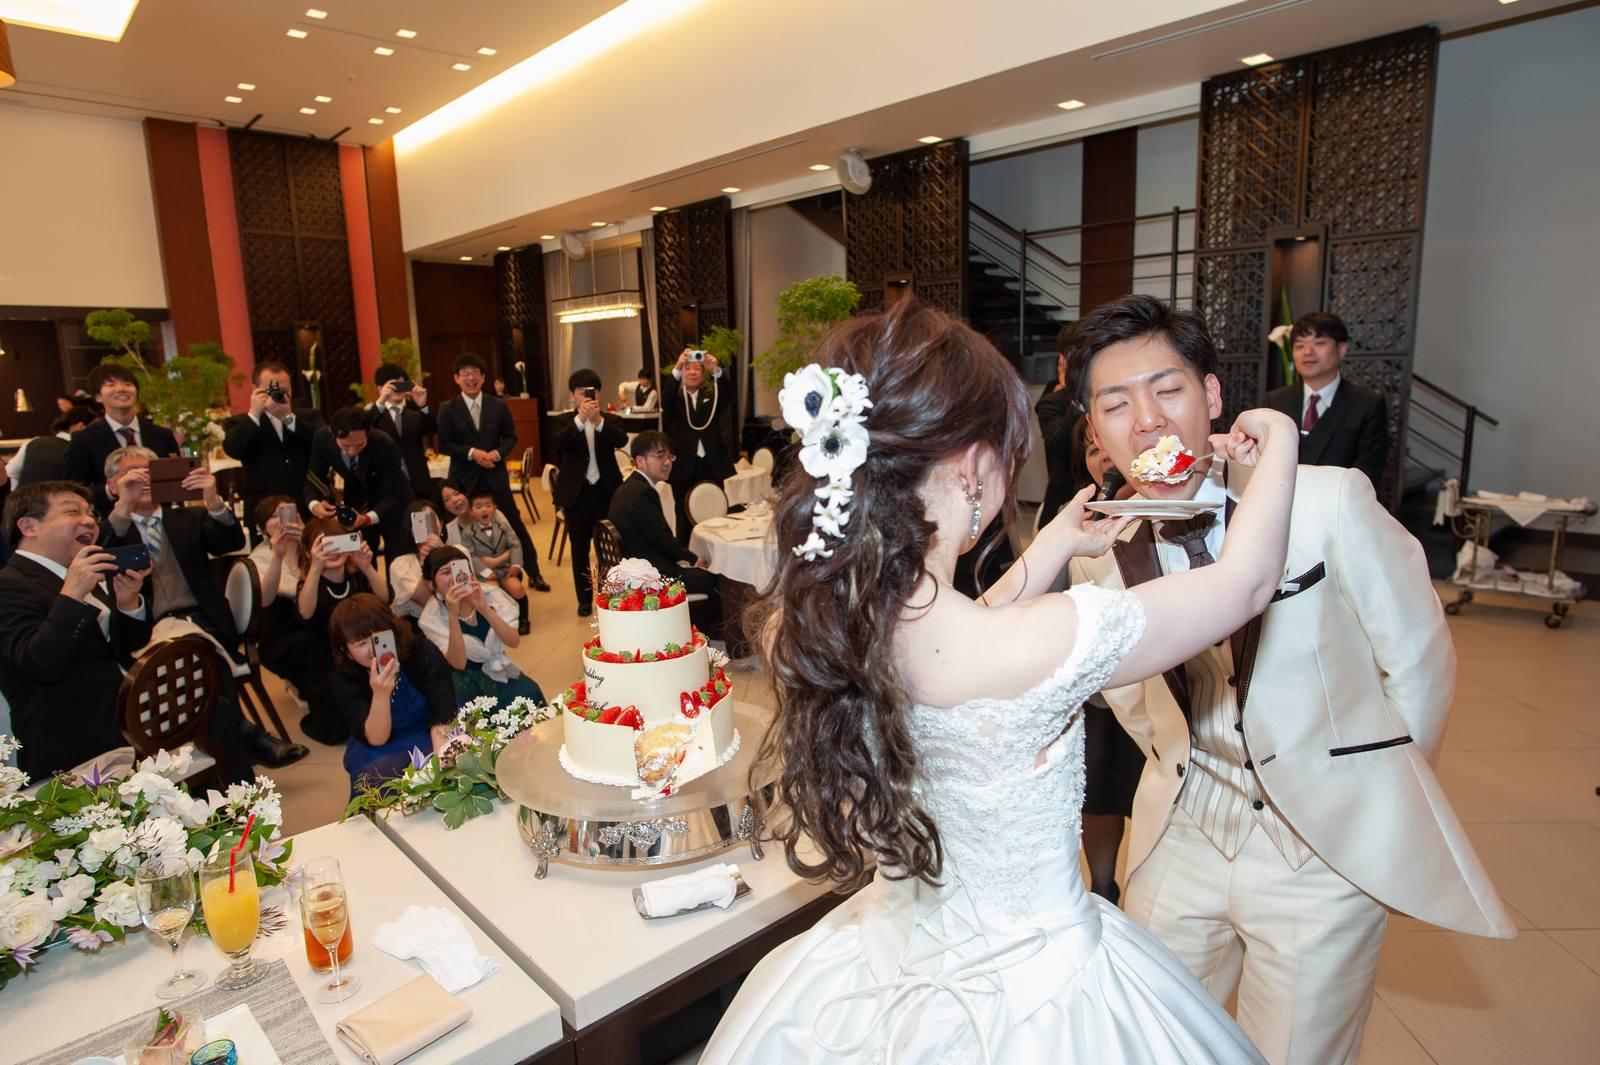 徳島県の結婚式場ブランアンジュでゲストに注目されながらファーストバイト